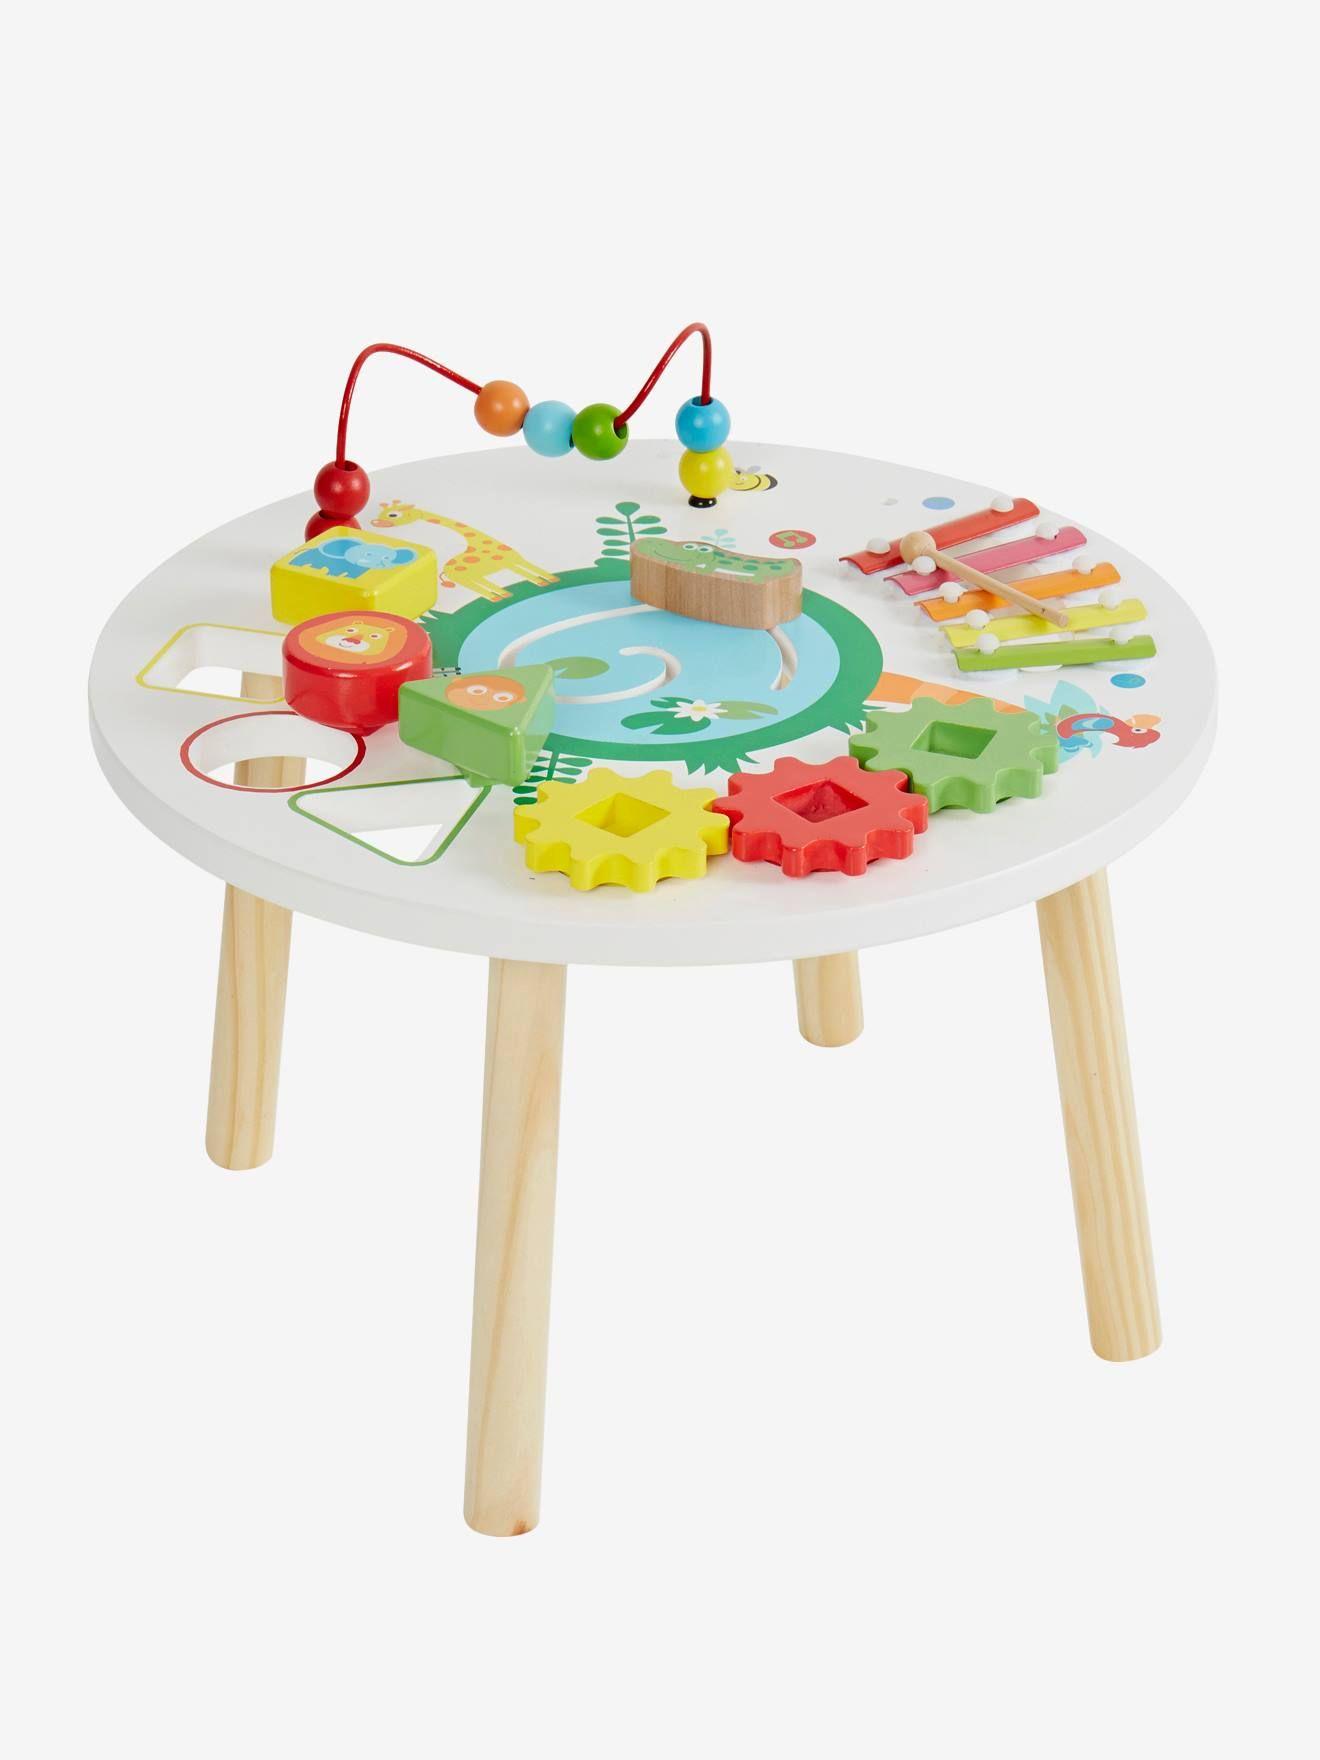 Table D Activites Savane Multicolore Toute Une Ronde De Jeux Amusants Et Educatifs Inspires De La Savane Pour Les P Table D Activite Jouet Idee Cadeau Enfant